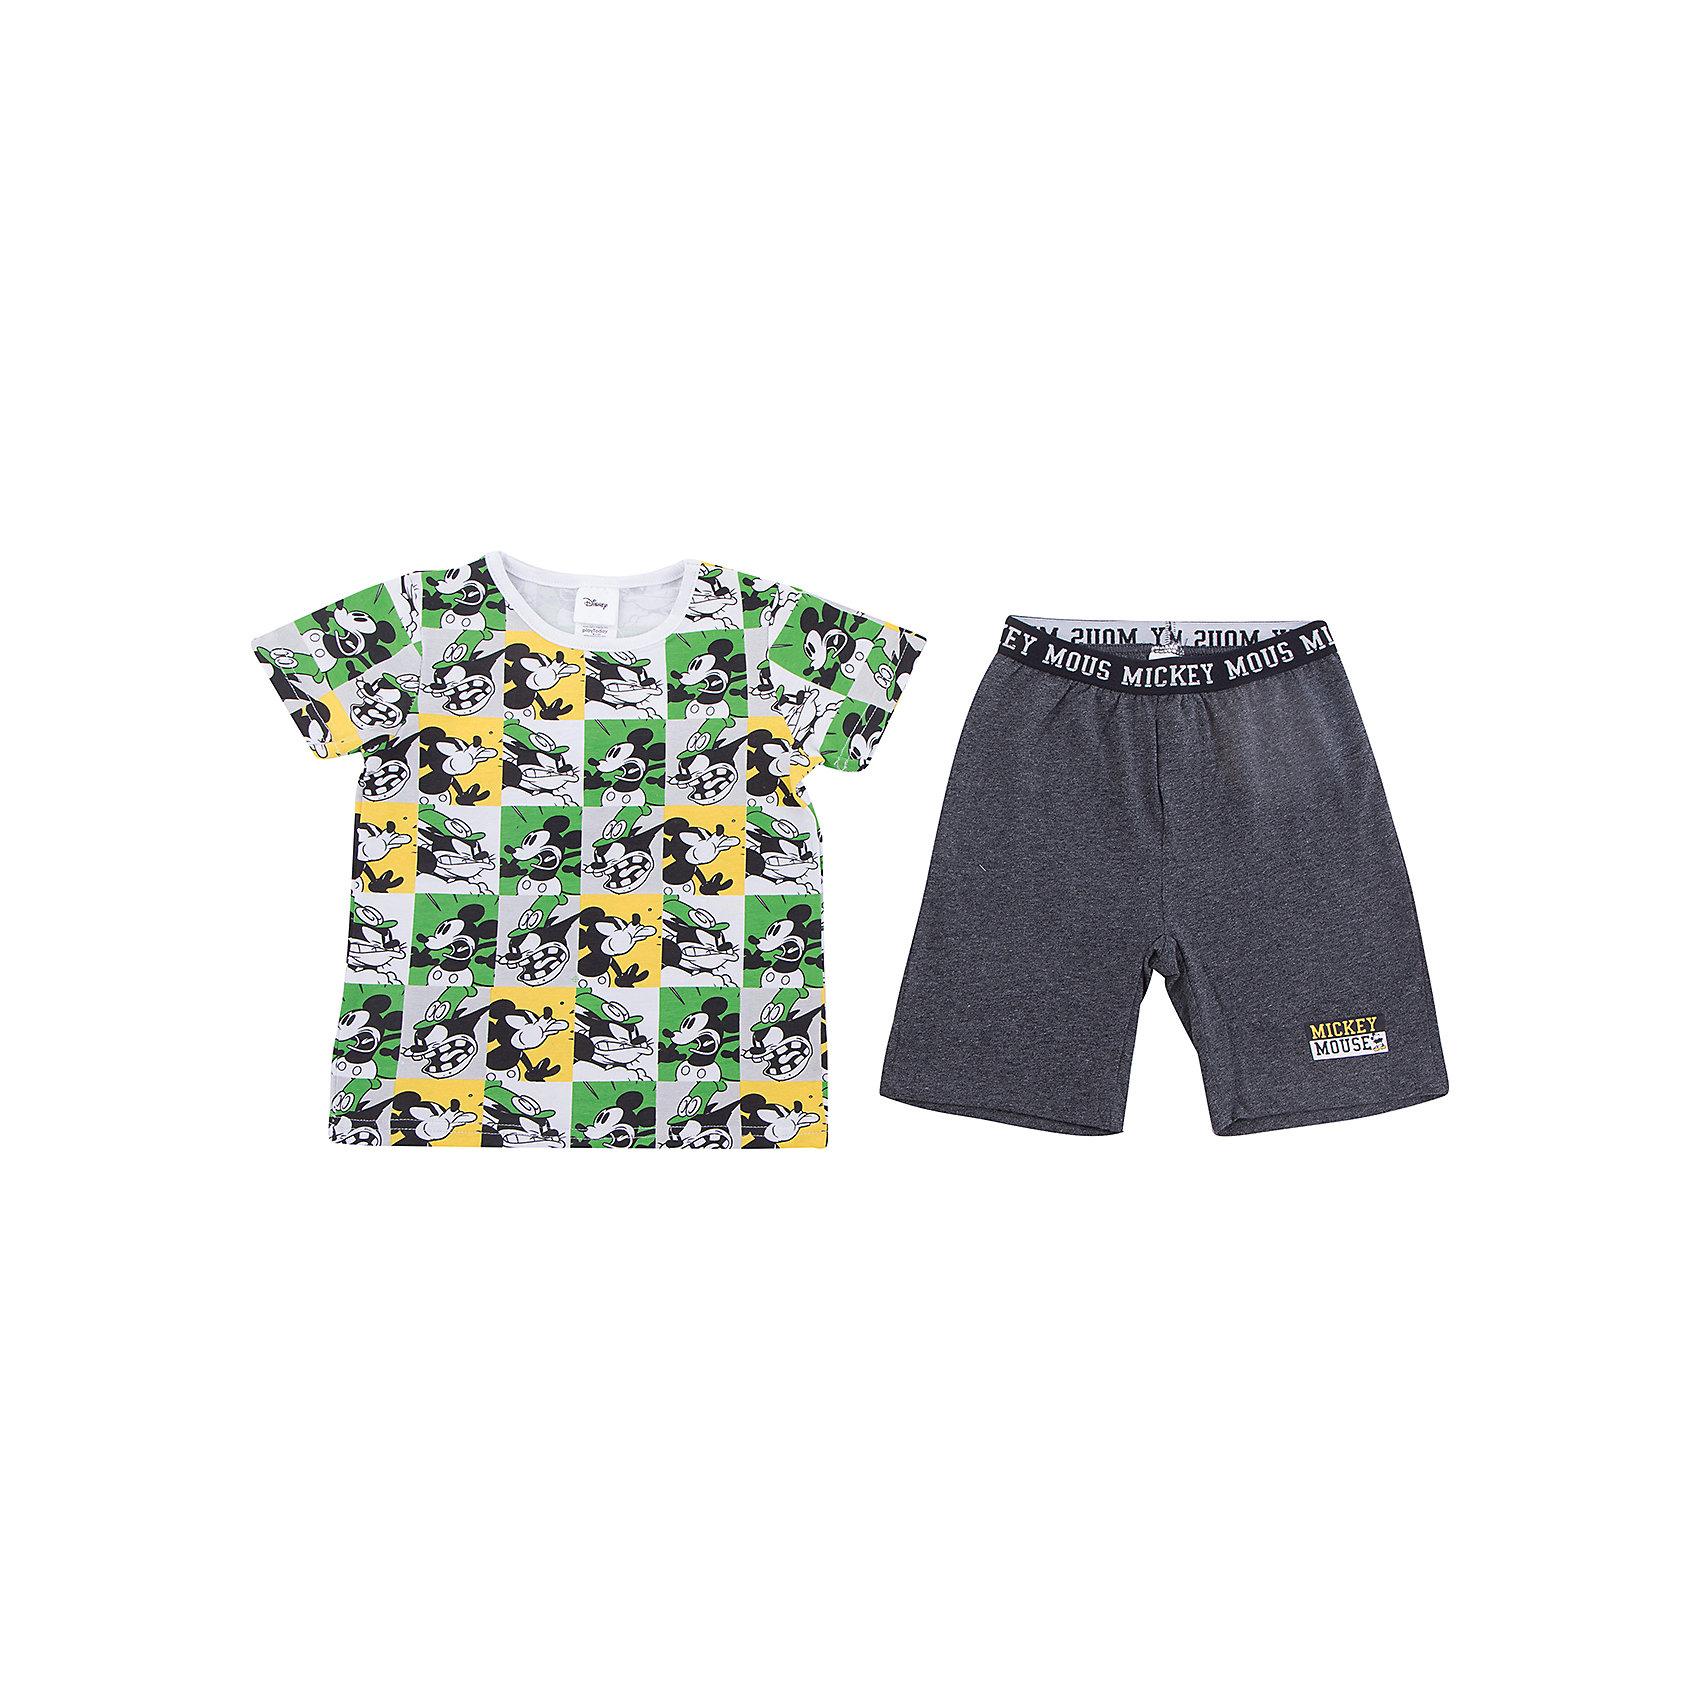 Комплект: футболка и шорты PlayToday для мальчикаКомплекты<br>Комплект: футболка и шорты PlayToday для мальчика<br>Комплект из футболки и шорт сможет быть и домашней одеждой, и уютной пижамой. Шорты на широкой резинке, не сдавливающей живот ребенка. Футболка из яркой ткани с лицензированным принтом. Натуральный материал приятен к телу и не вызывает раздражений нежной детской кожи.<br>Состав:<br>95% хлопок, 5% эластан<br><br>Ширина мм: 199<br>Глубина мм: 10<br>Высота мм: 161<br>Вес г: 151<br>Цвет: белый<br>Возраст от месяцев: 24<br>Возраст до месяцев: 36<br>Пол: Мужской<br>Возраст: Детский<br>Размер: 98,128,122,116,110,104<br>SKU: 7107648